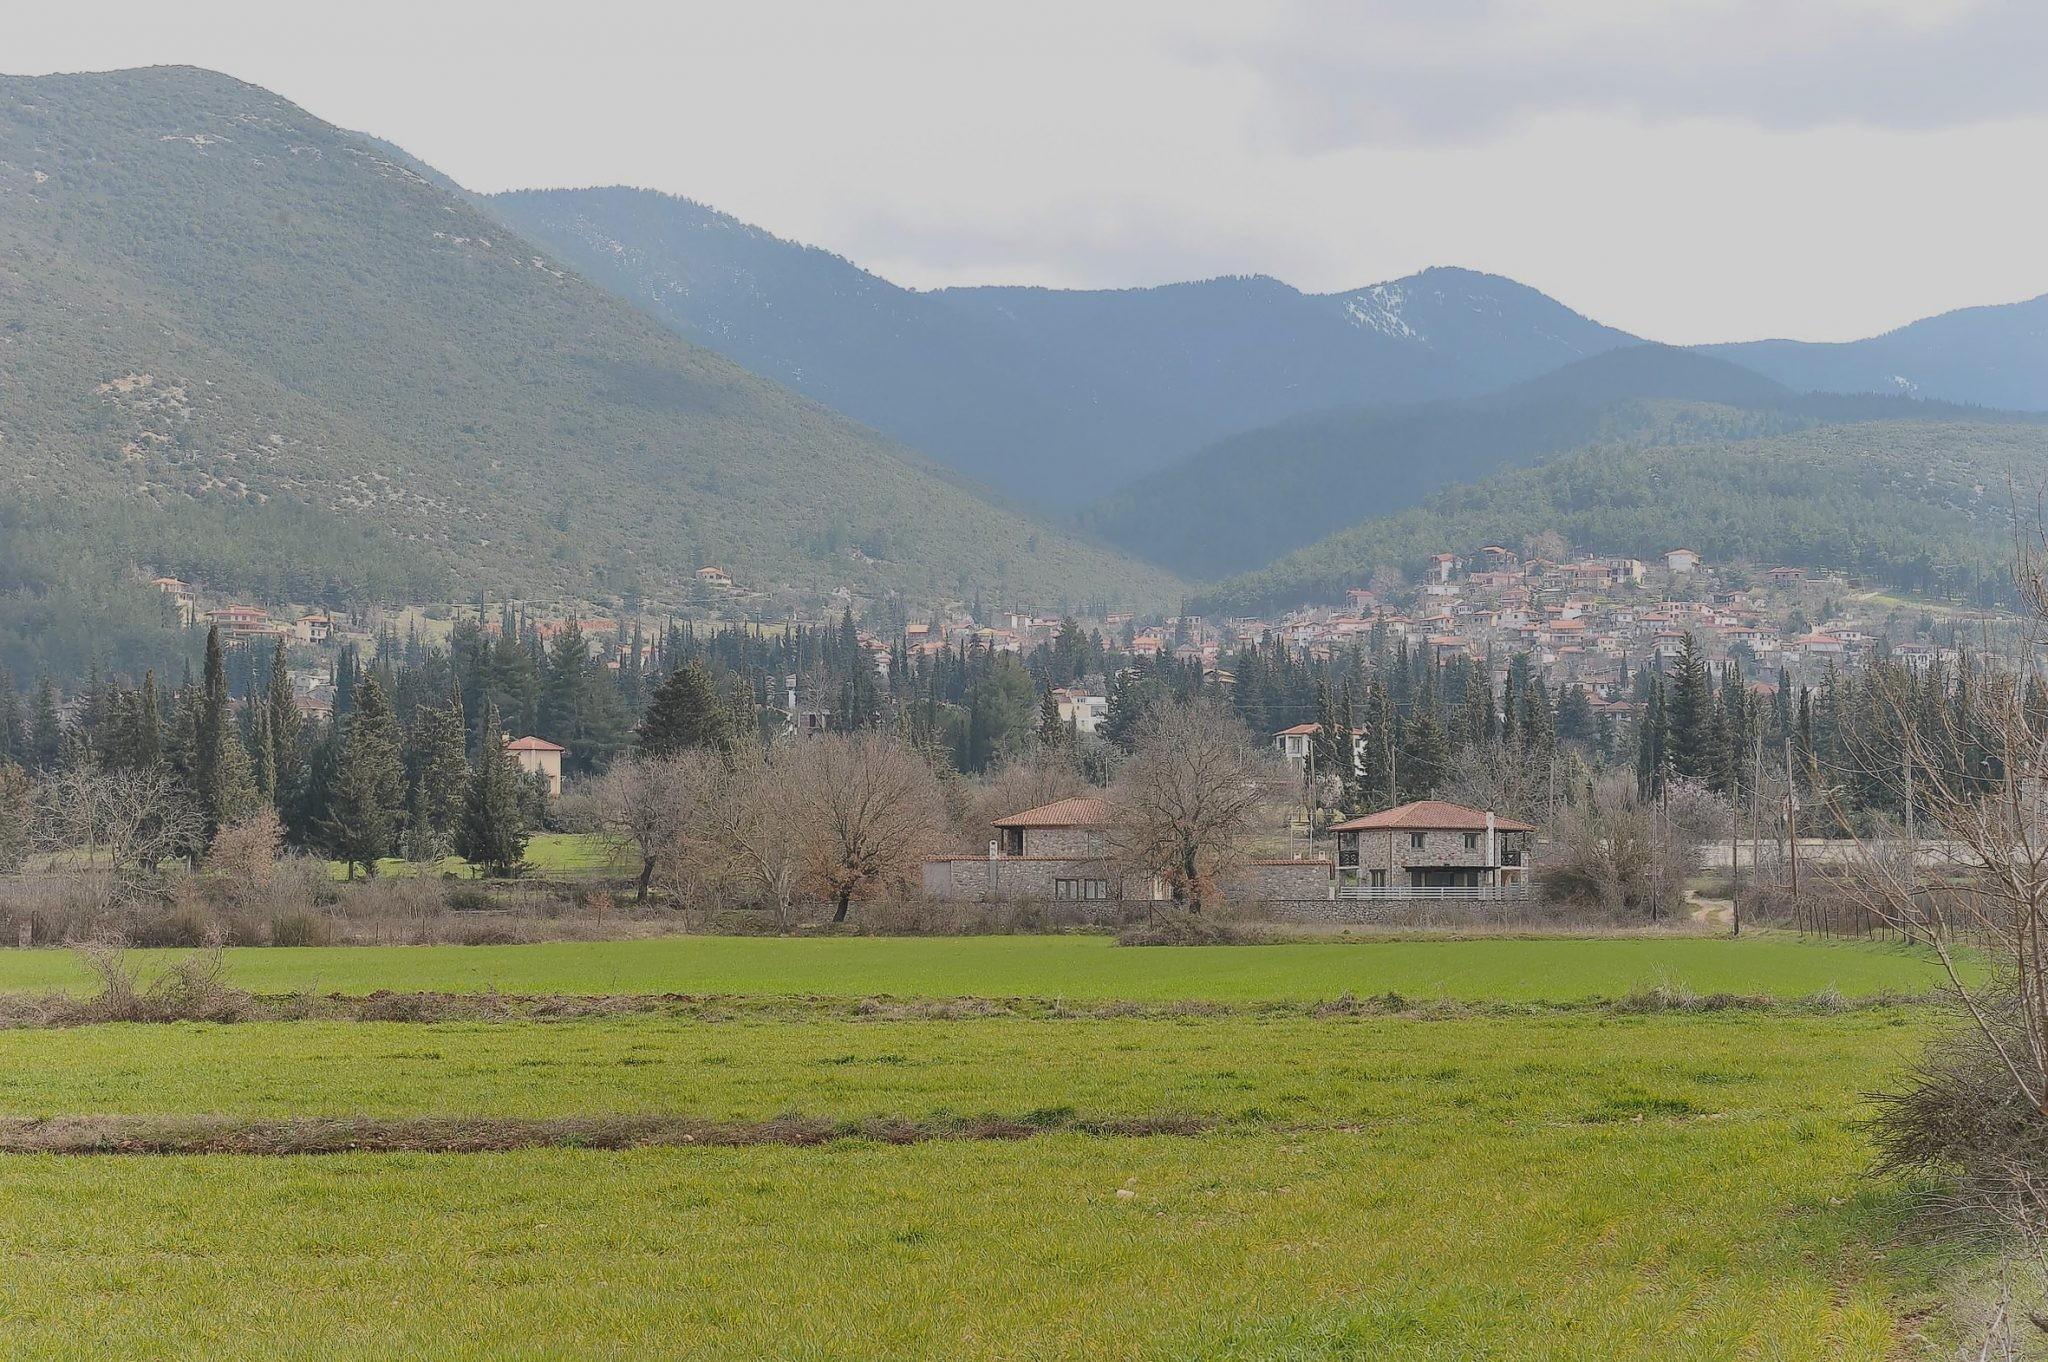 Terreno Parnassos  -  ref GR-5158-S (picture 1)